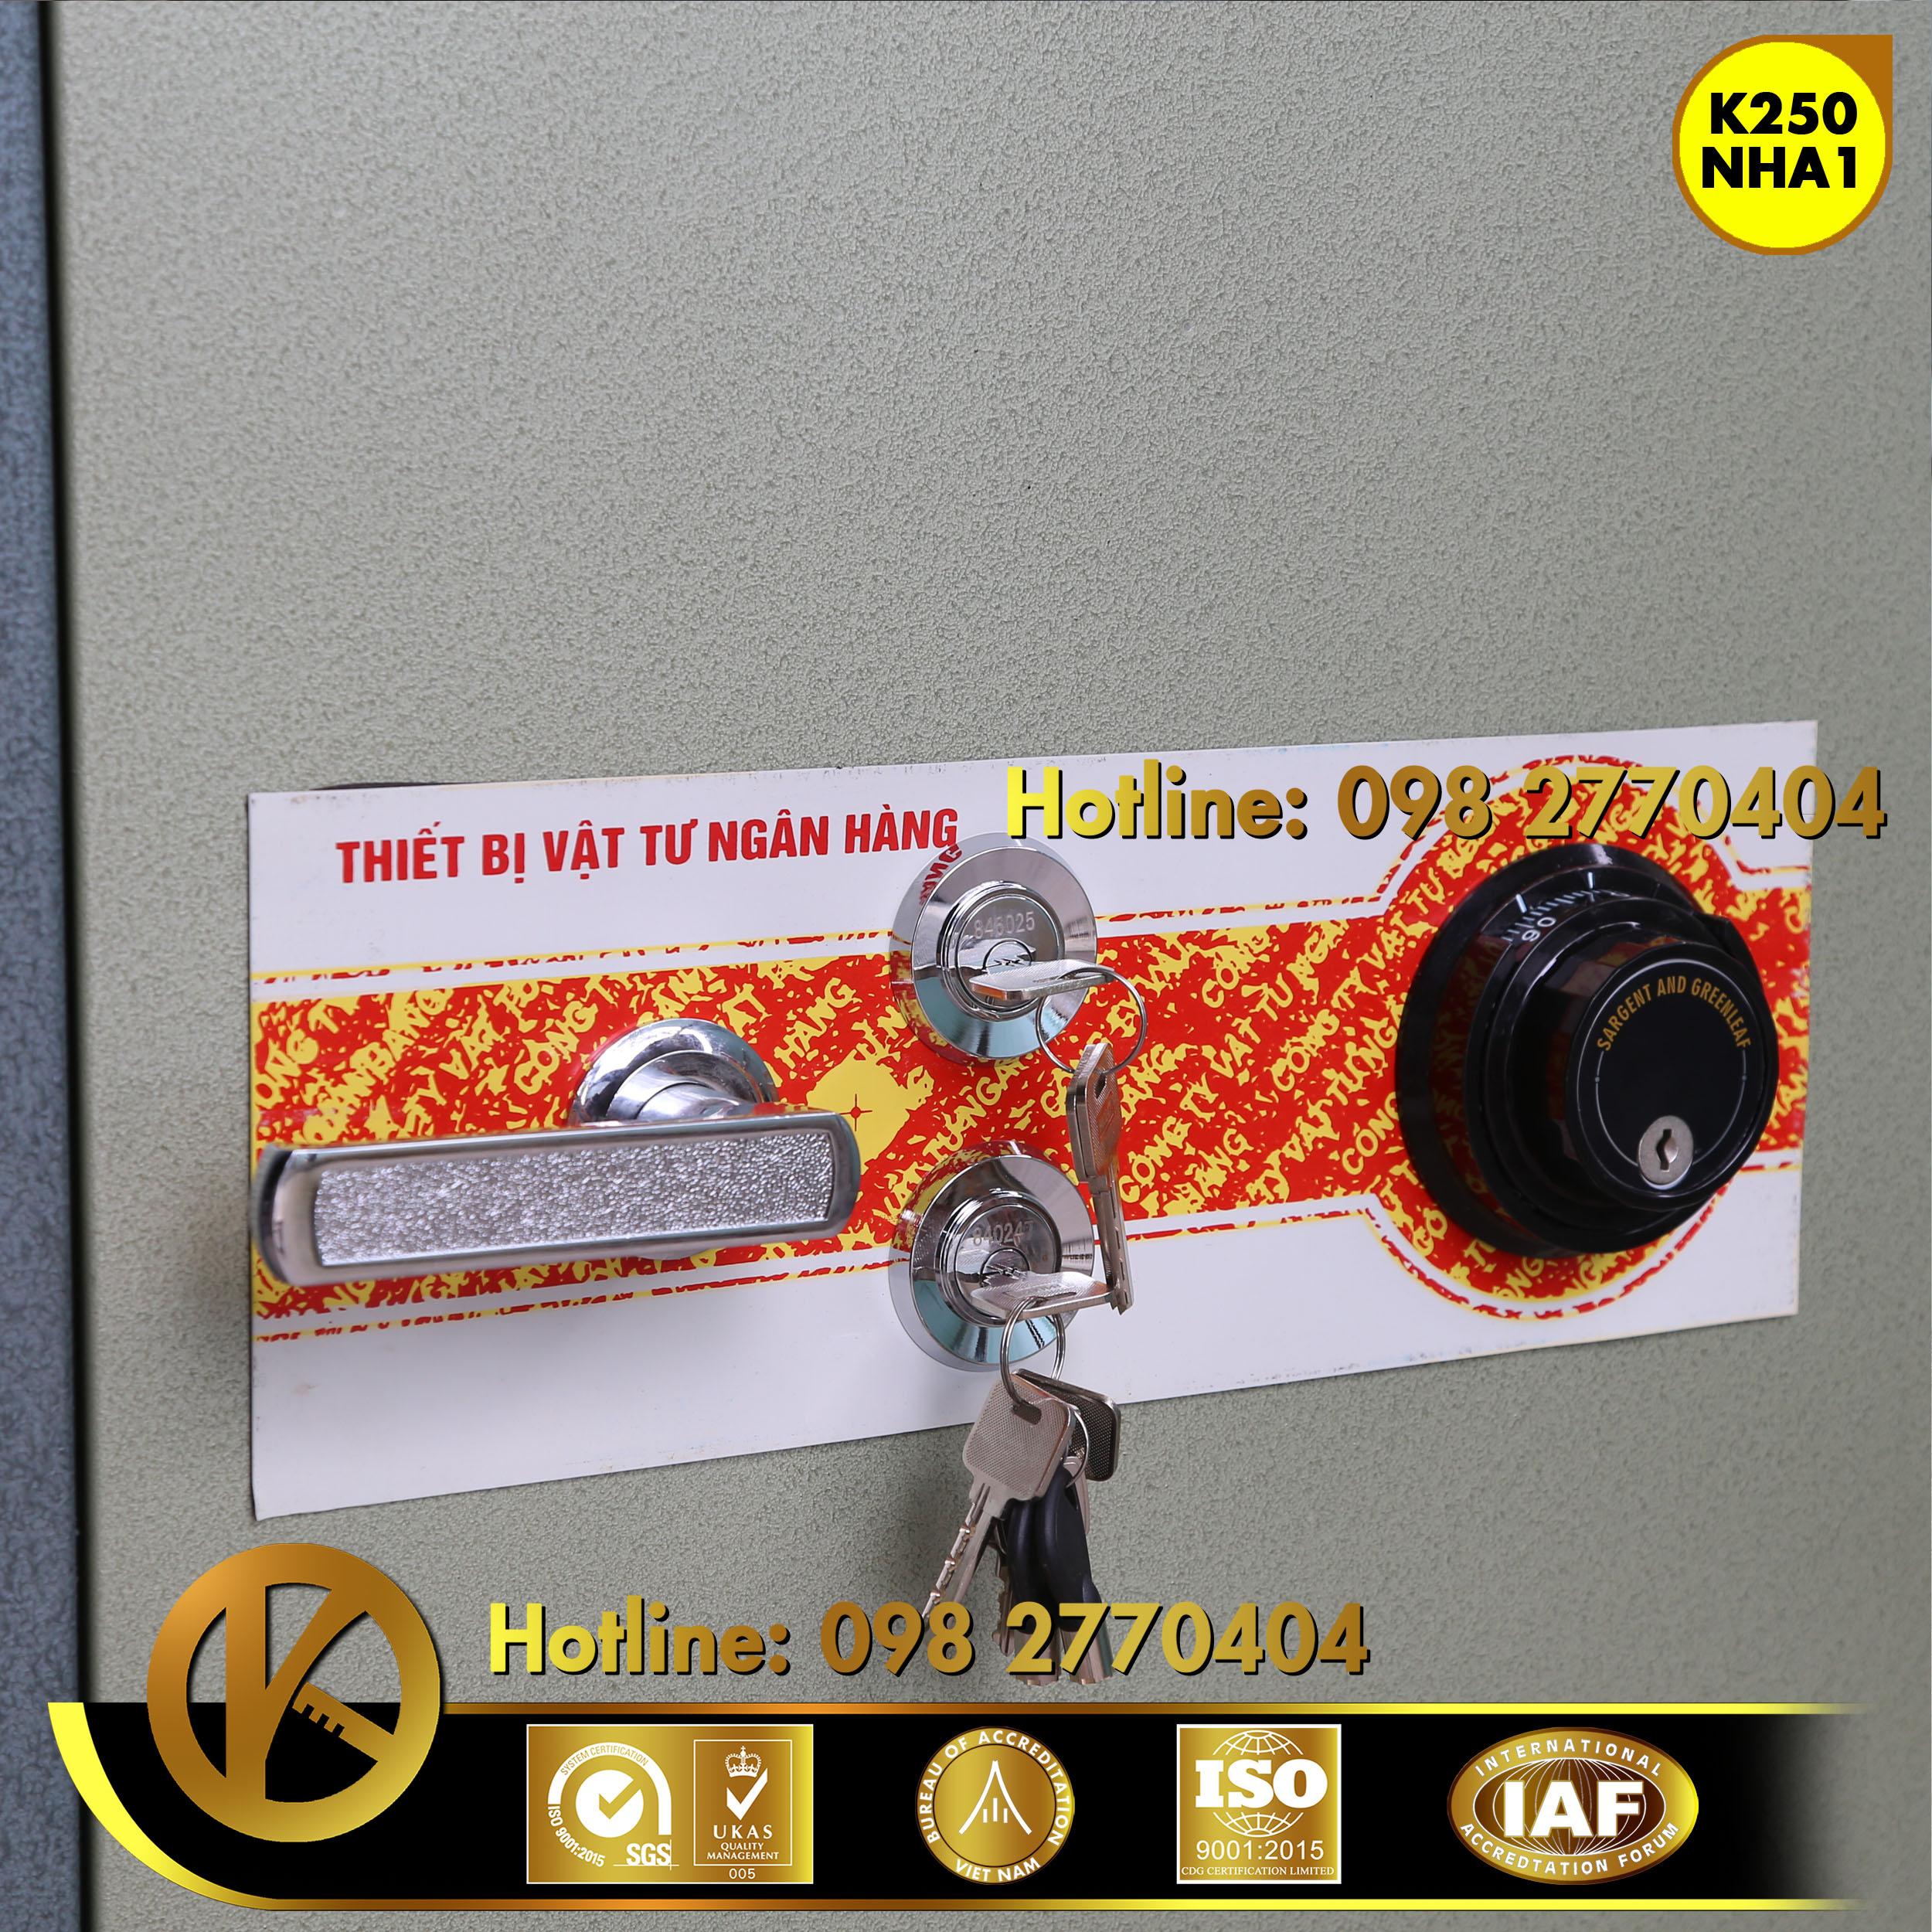 hình ảnh sản phẩm KÉT SẮT NGÂN HÀNG BEMC K250 NHA1